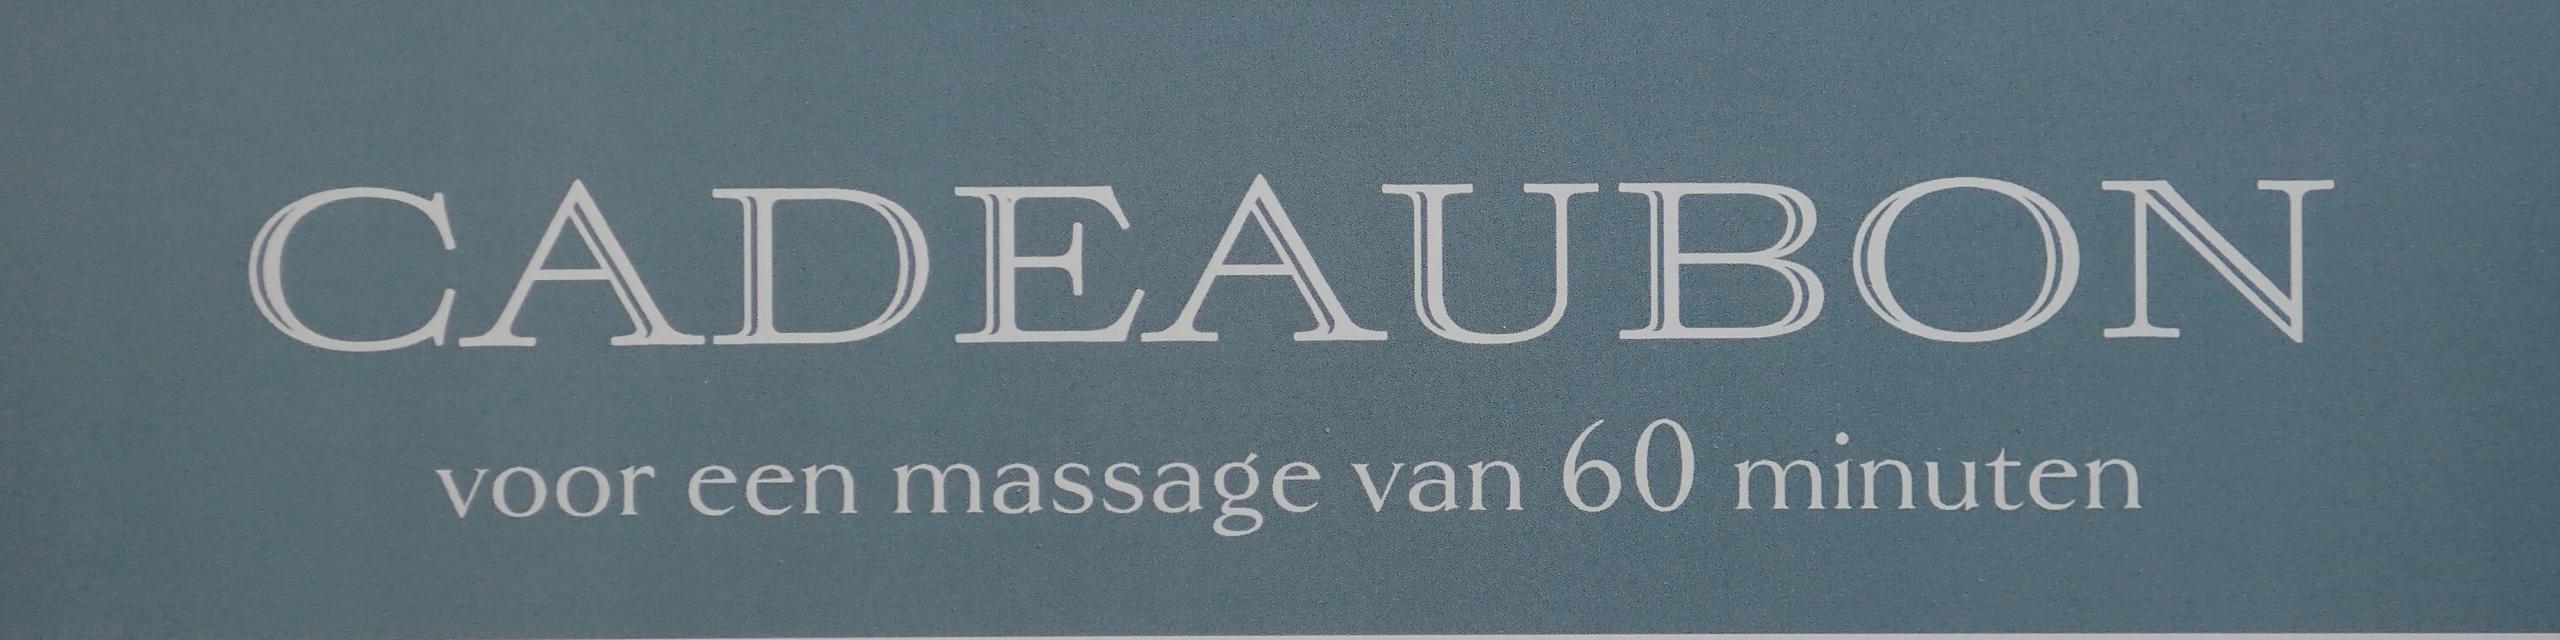 Cadeaubon Massage Katwijk MYB